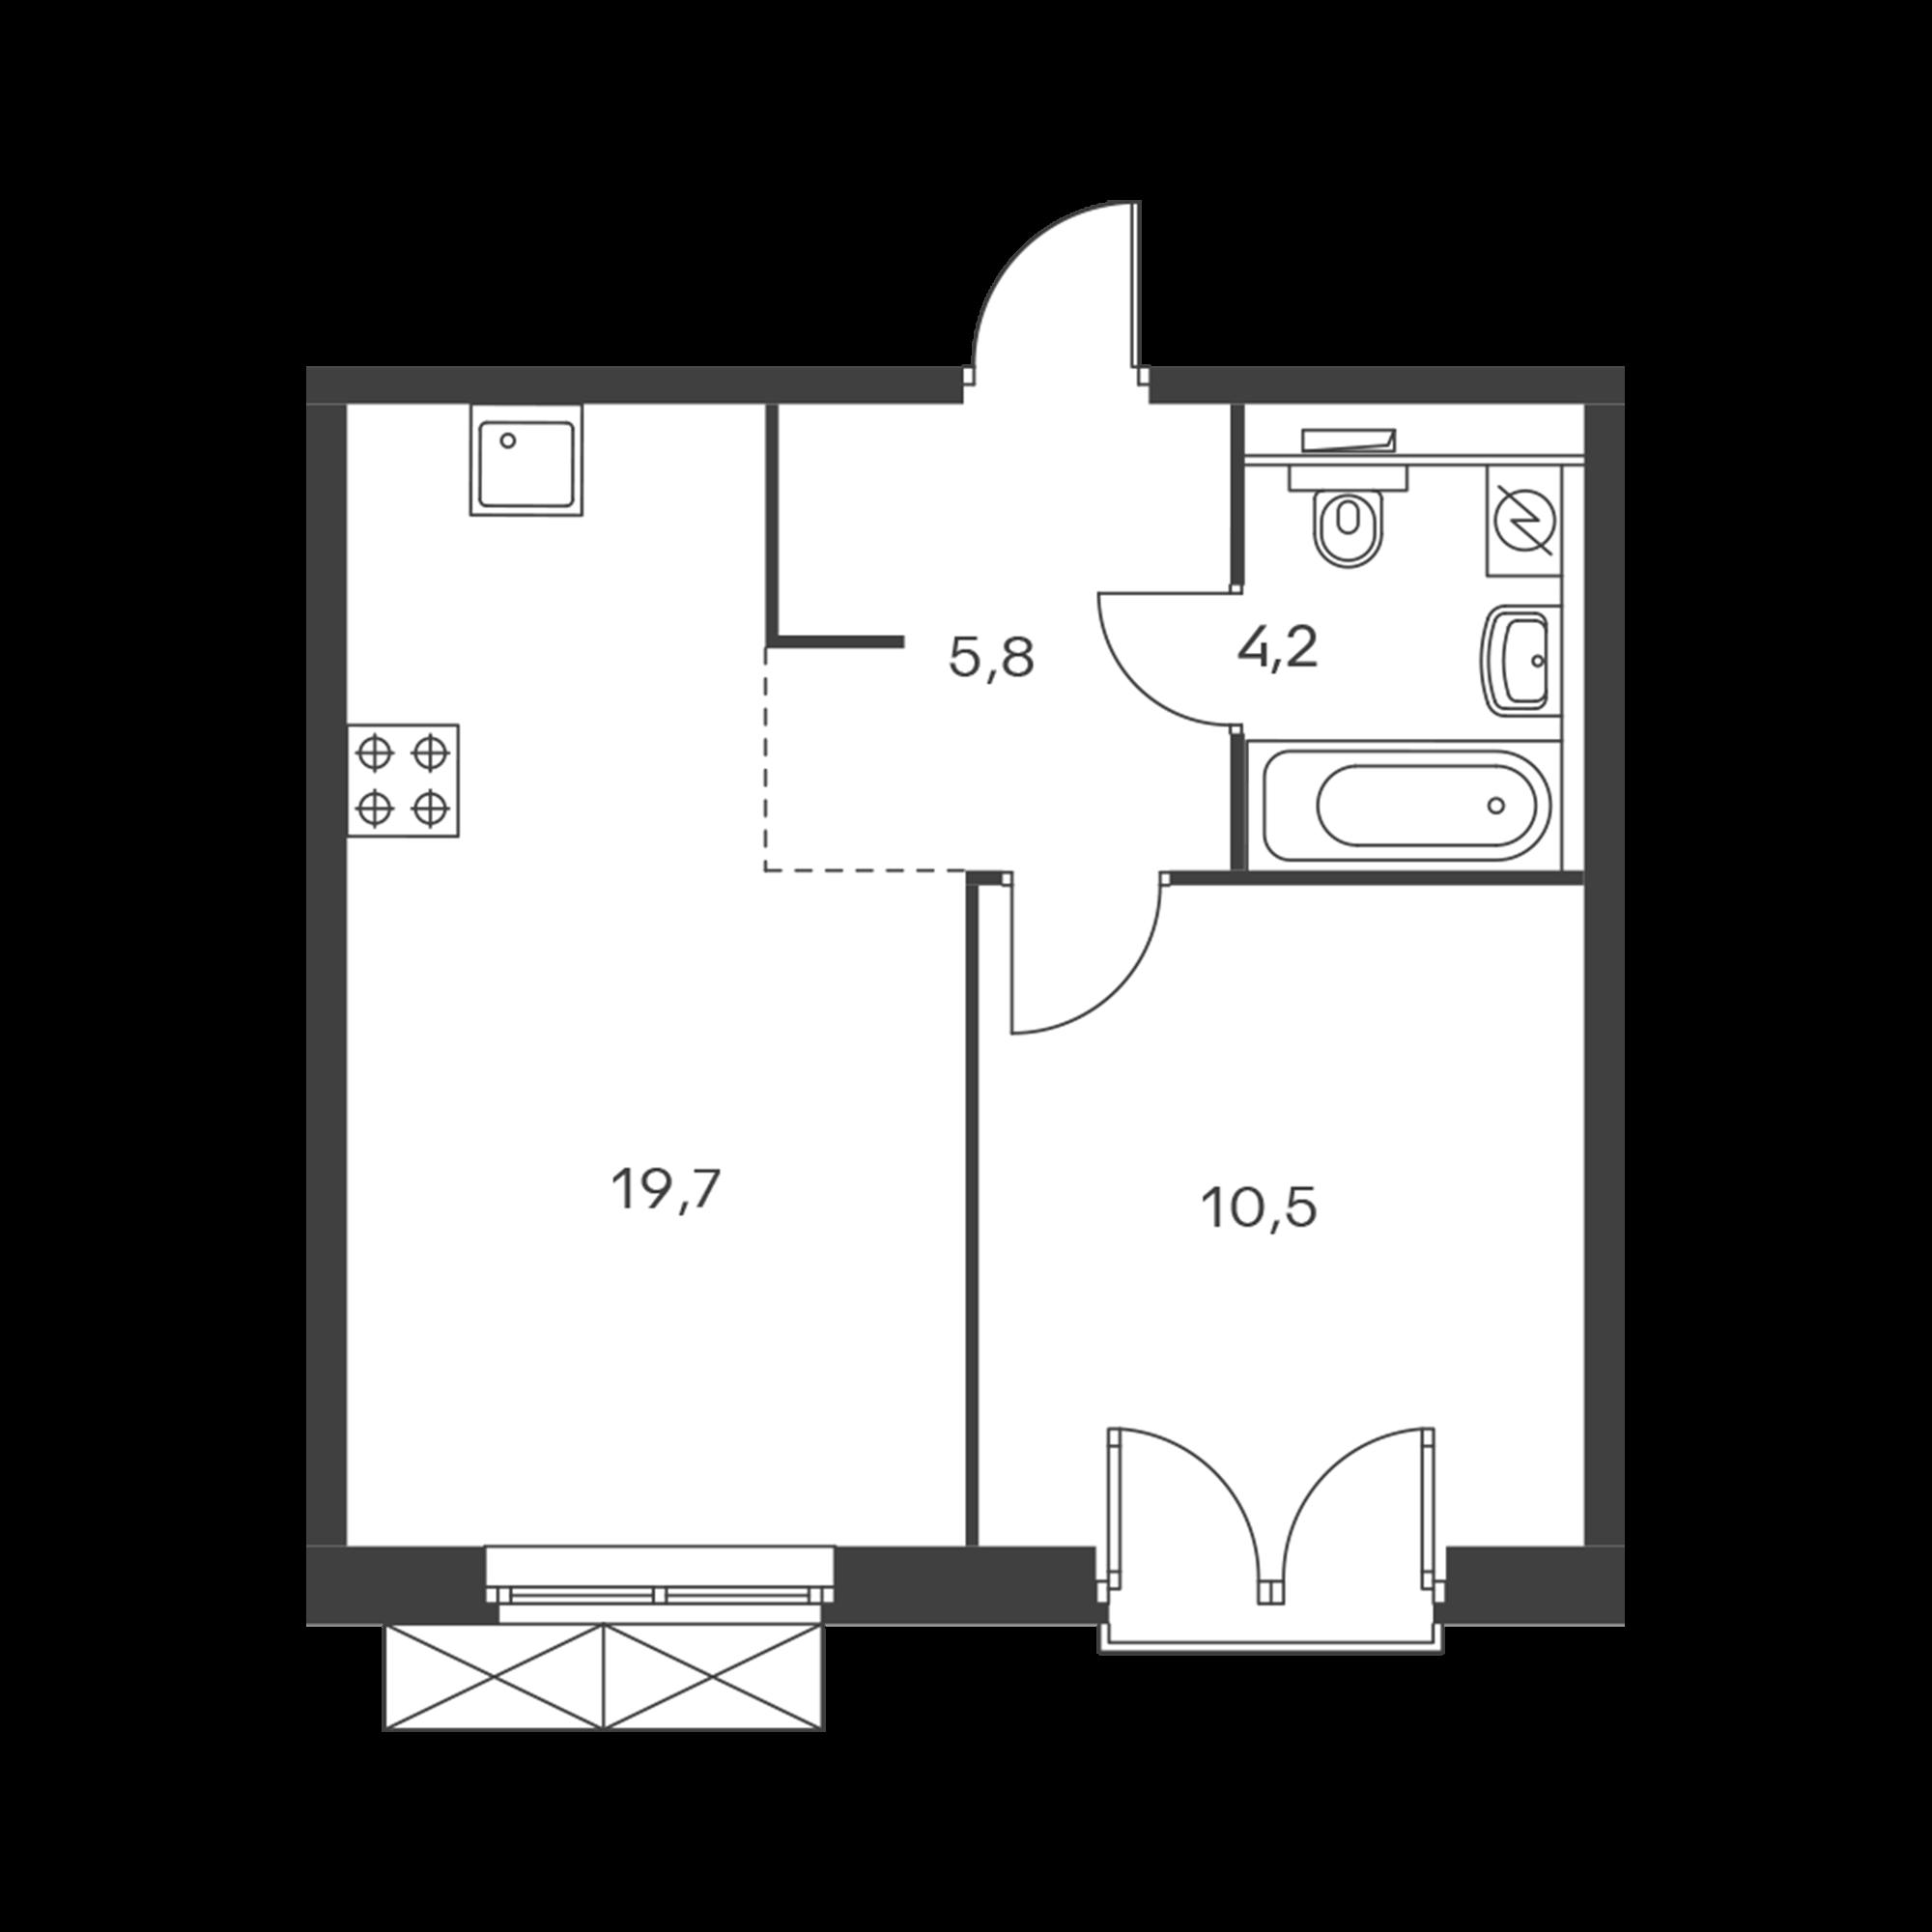 1-комнатная 40.3 м²